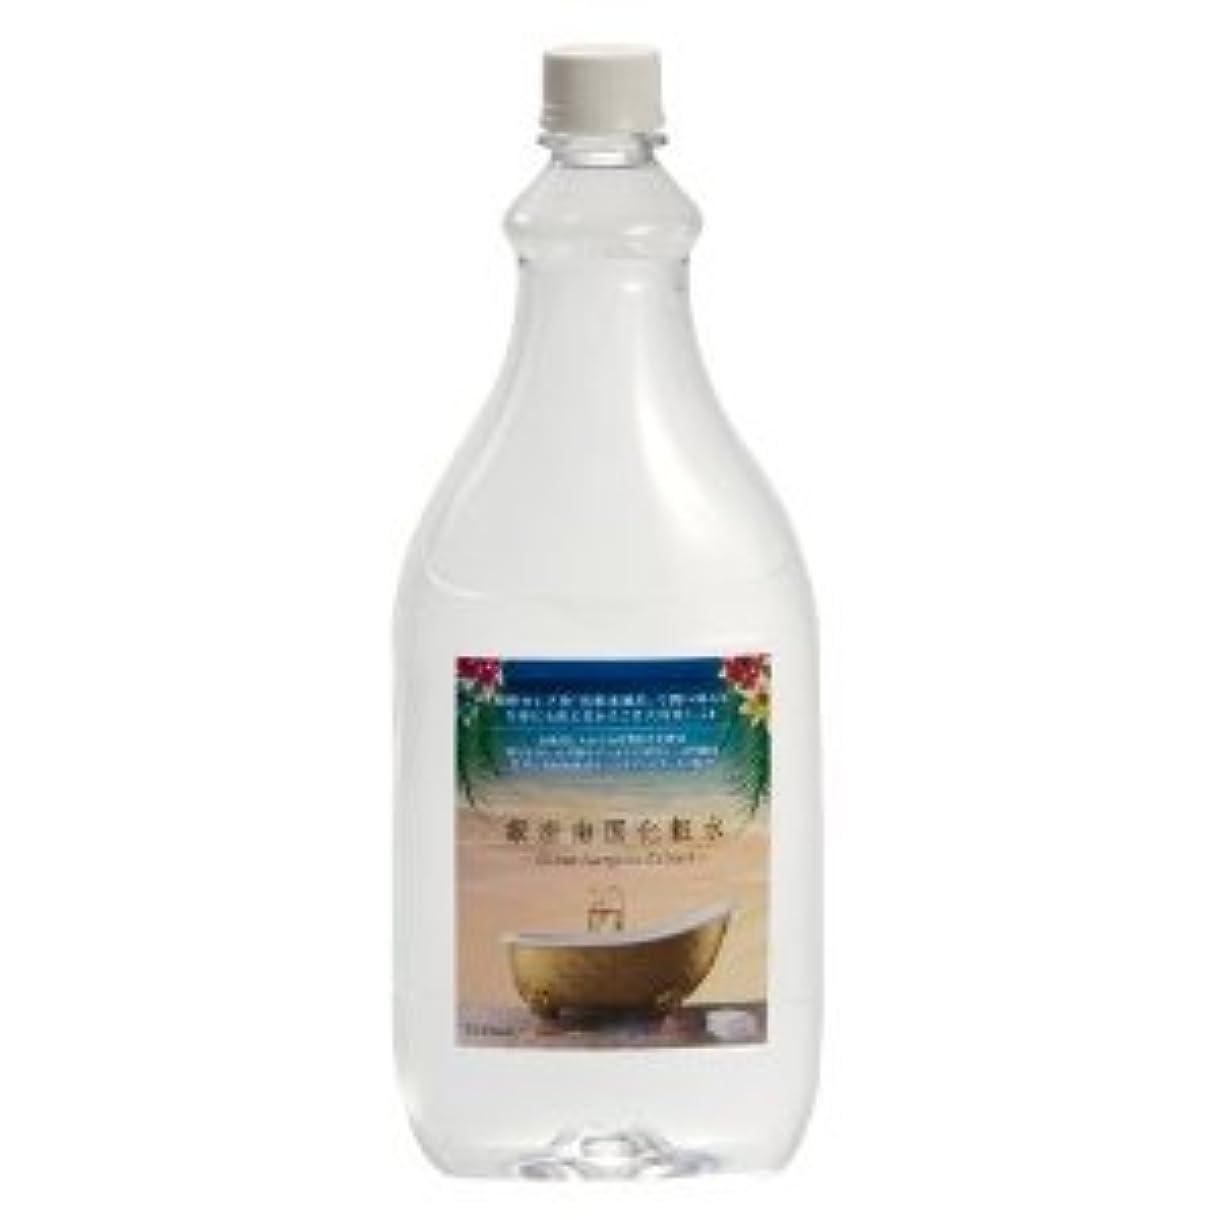 スタックたとえ吸収する銀座南国化粧水 (1000ml) スプレーボトル付きセット